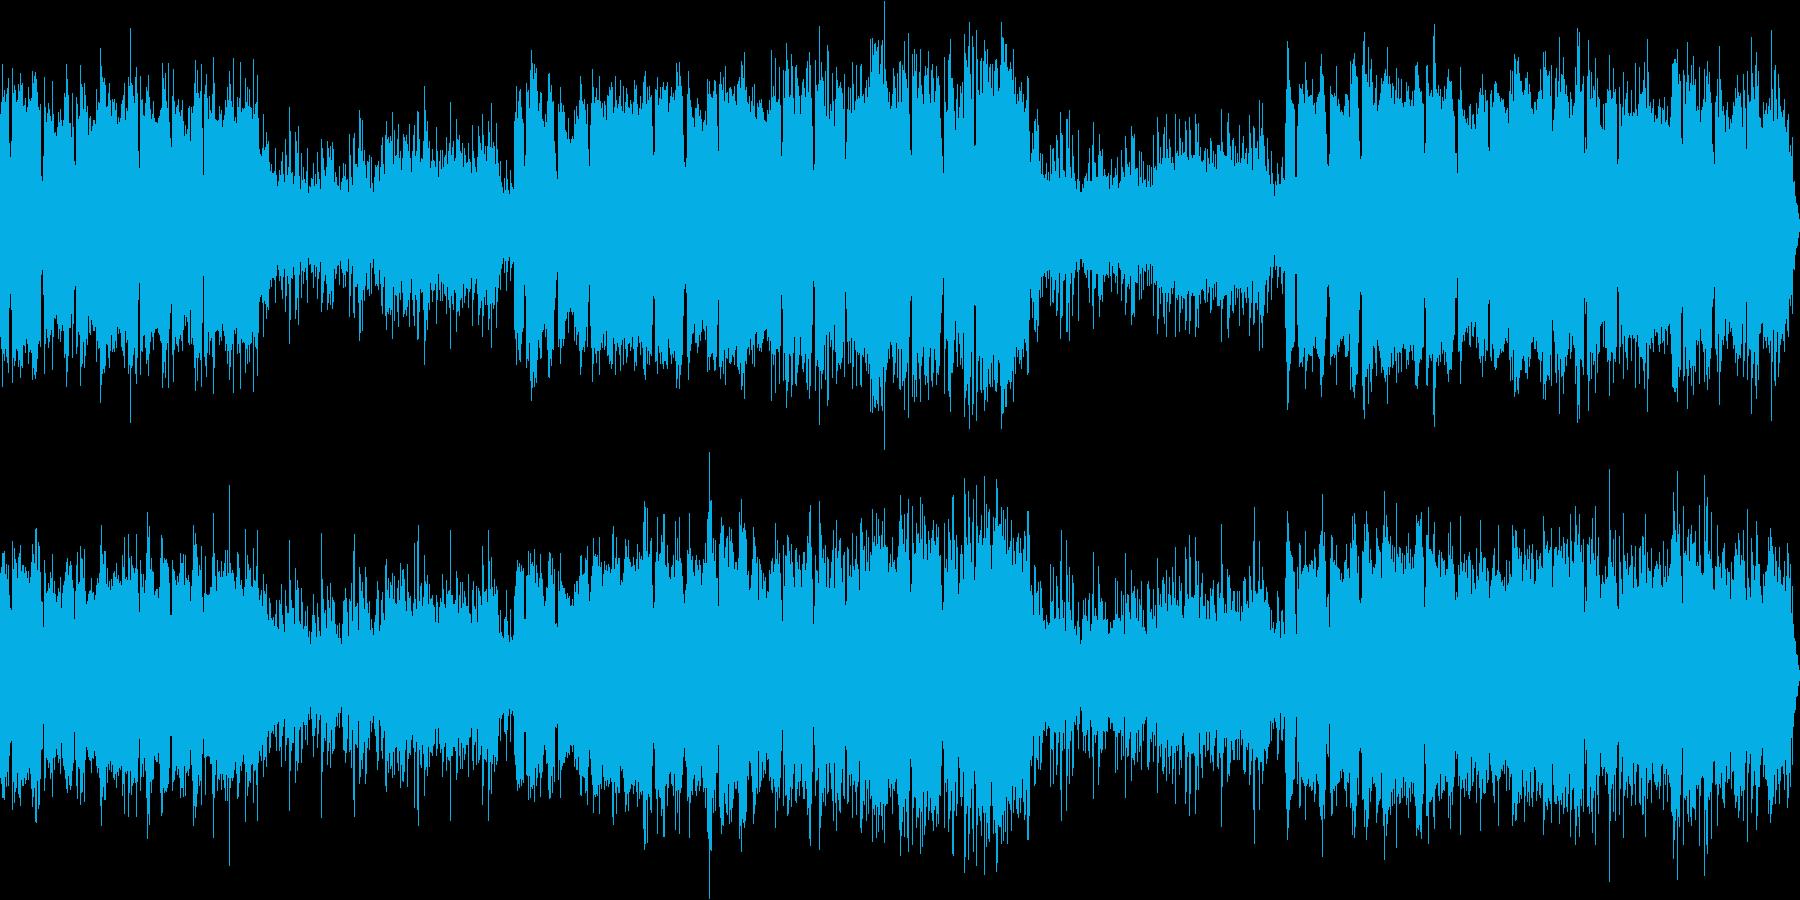 不思議な、奇妙な感じのアンビエントループの再生済みの波形